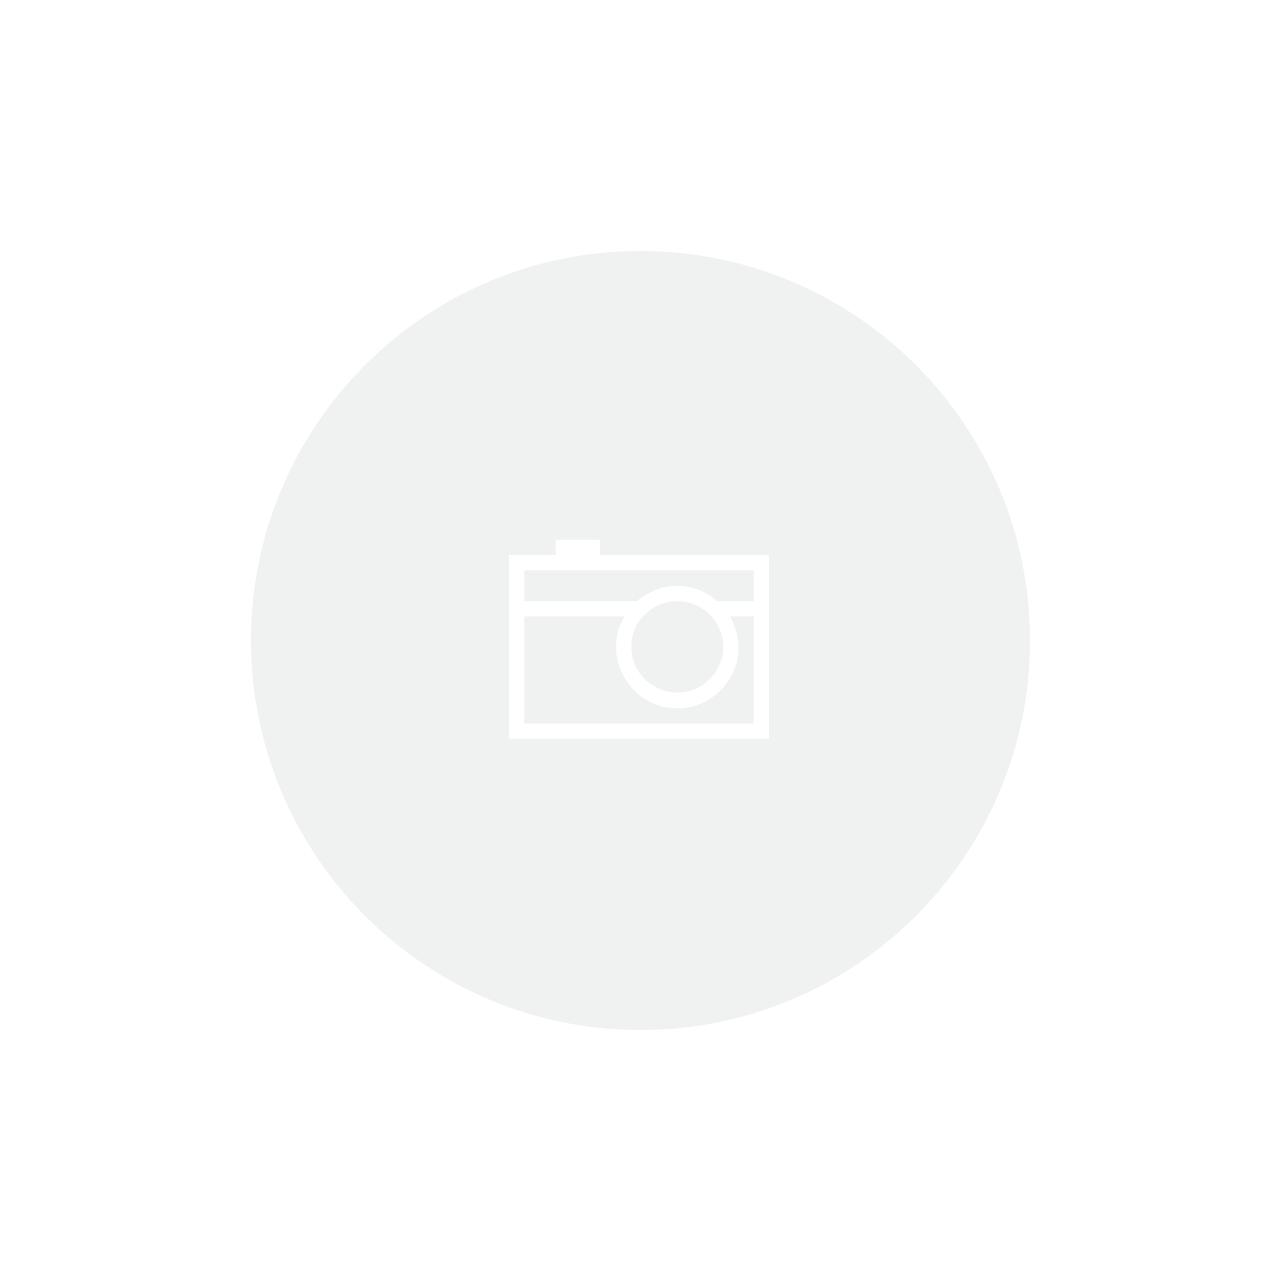 Espumantes Garibaldi MasterChef 2019